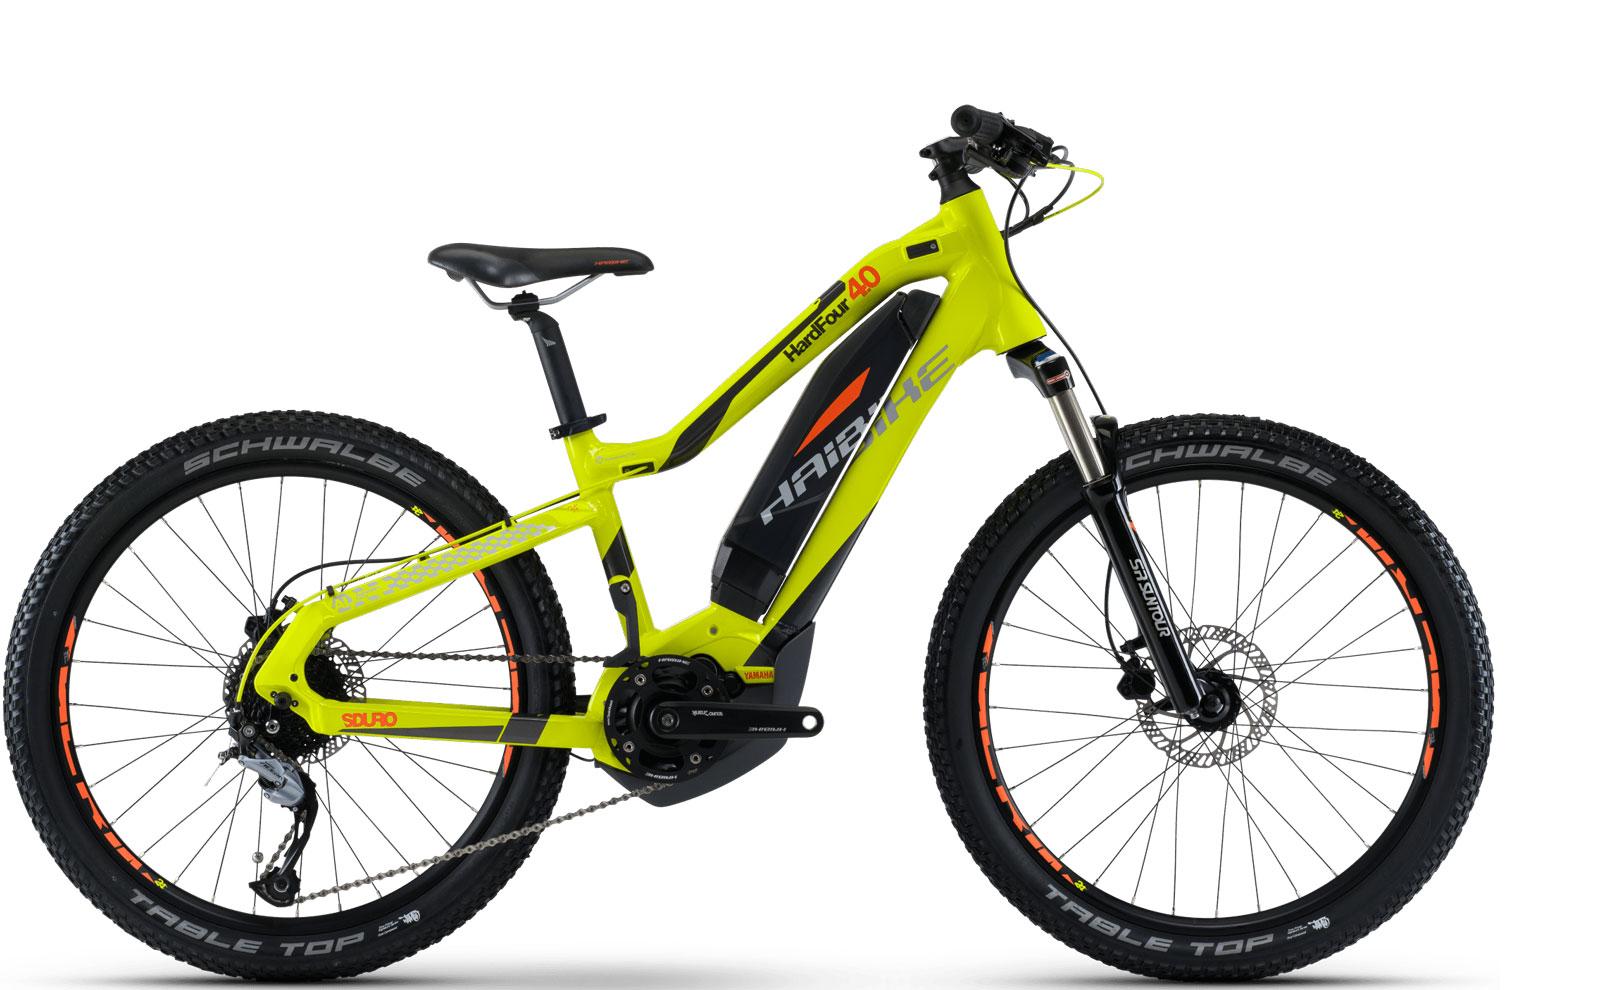 haibike sduro hardfour 4 0 gebraucht e mountainbike gebraucht online kaufen bei sport. Black Bedroom Furniture Sets. Home Design Ideas